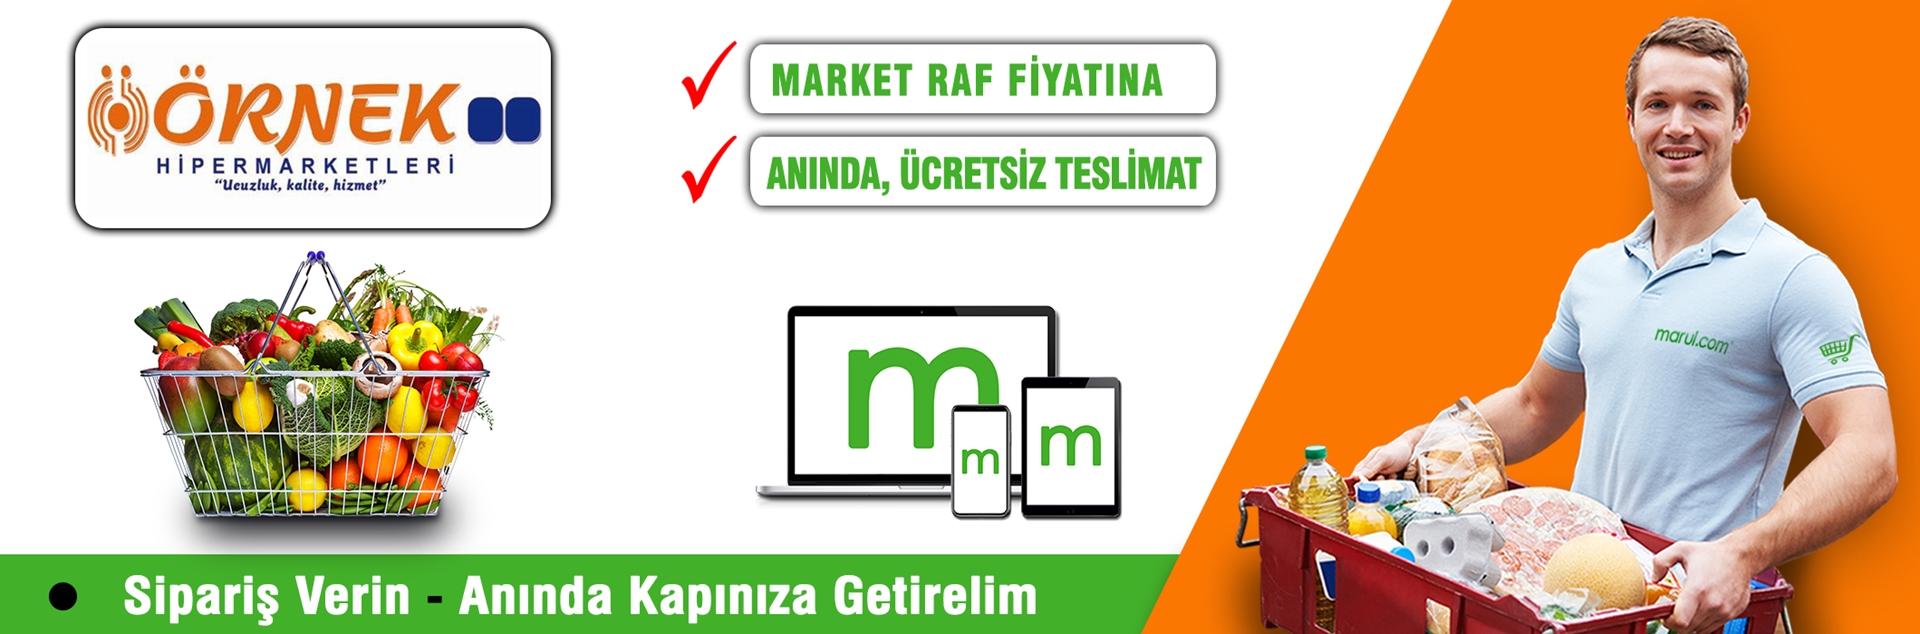 örnek hipermarketleri online market alışverişi